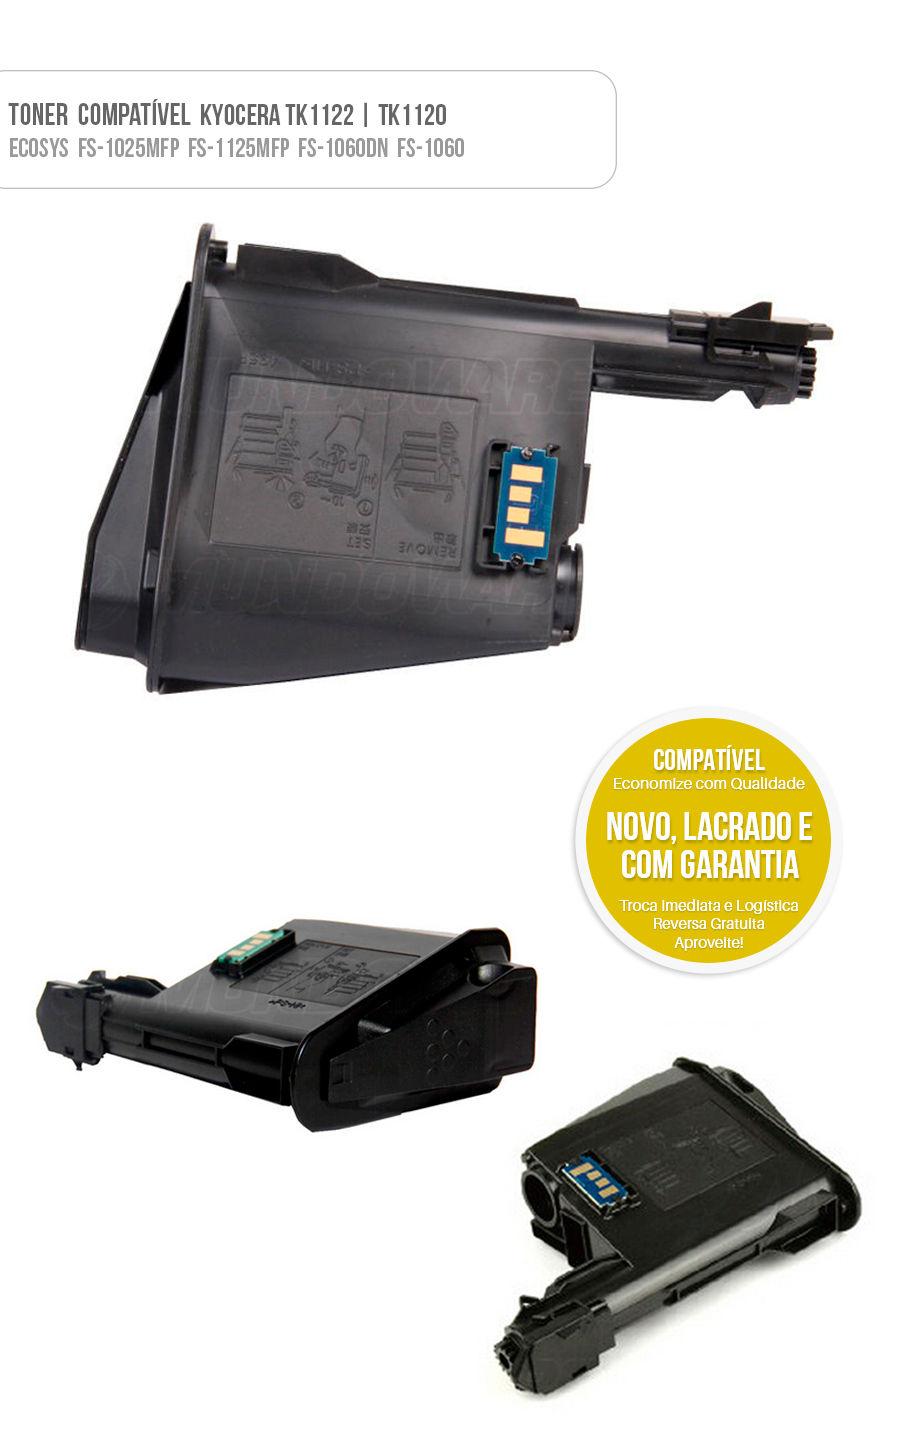 Tonner Compativel kyocera tk1122 tk-1122 tk1120 Mita FS1025 FS1060 FS1125 FS1160 FS-1025 FS-1060 FS-1125 FS-1160